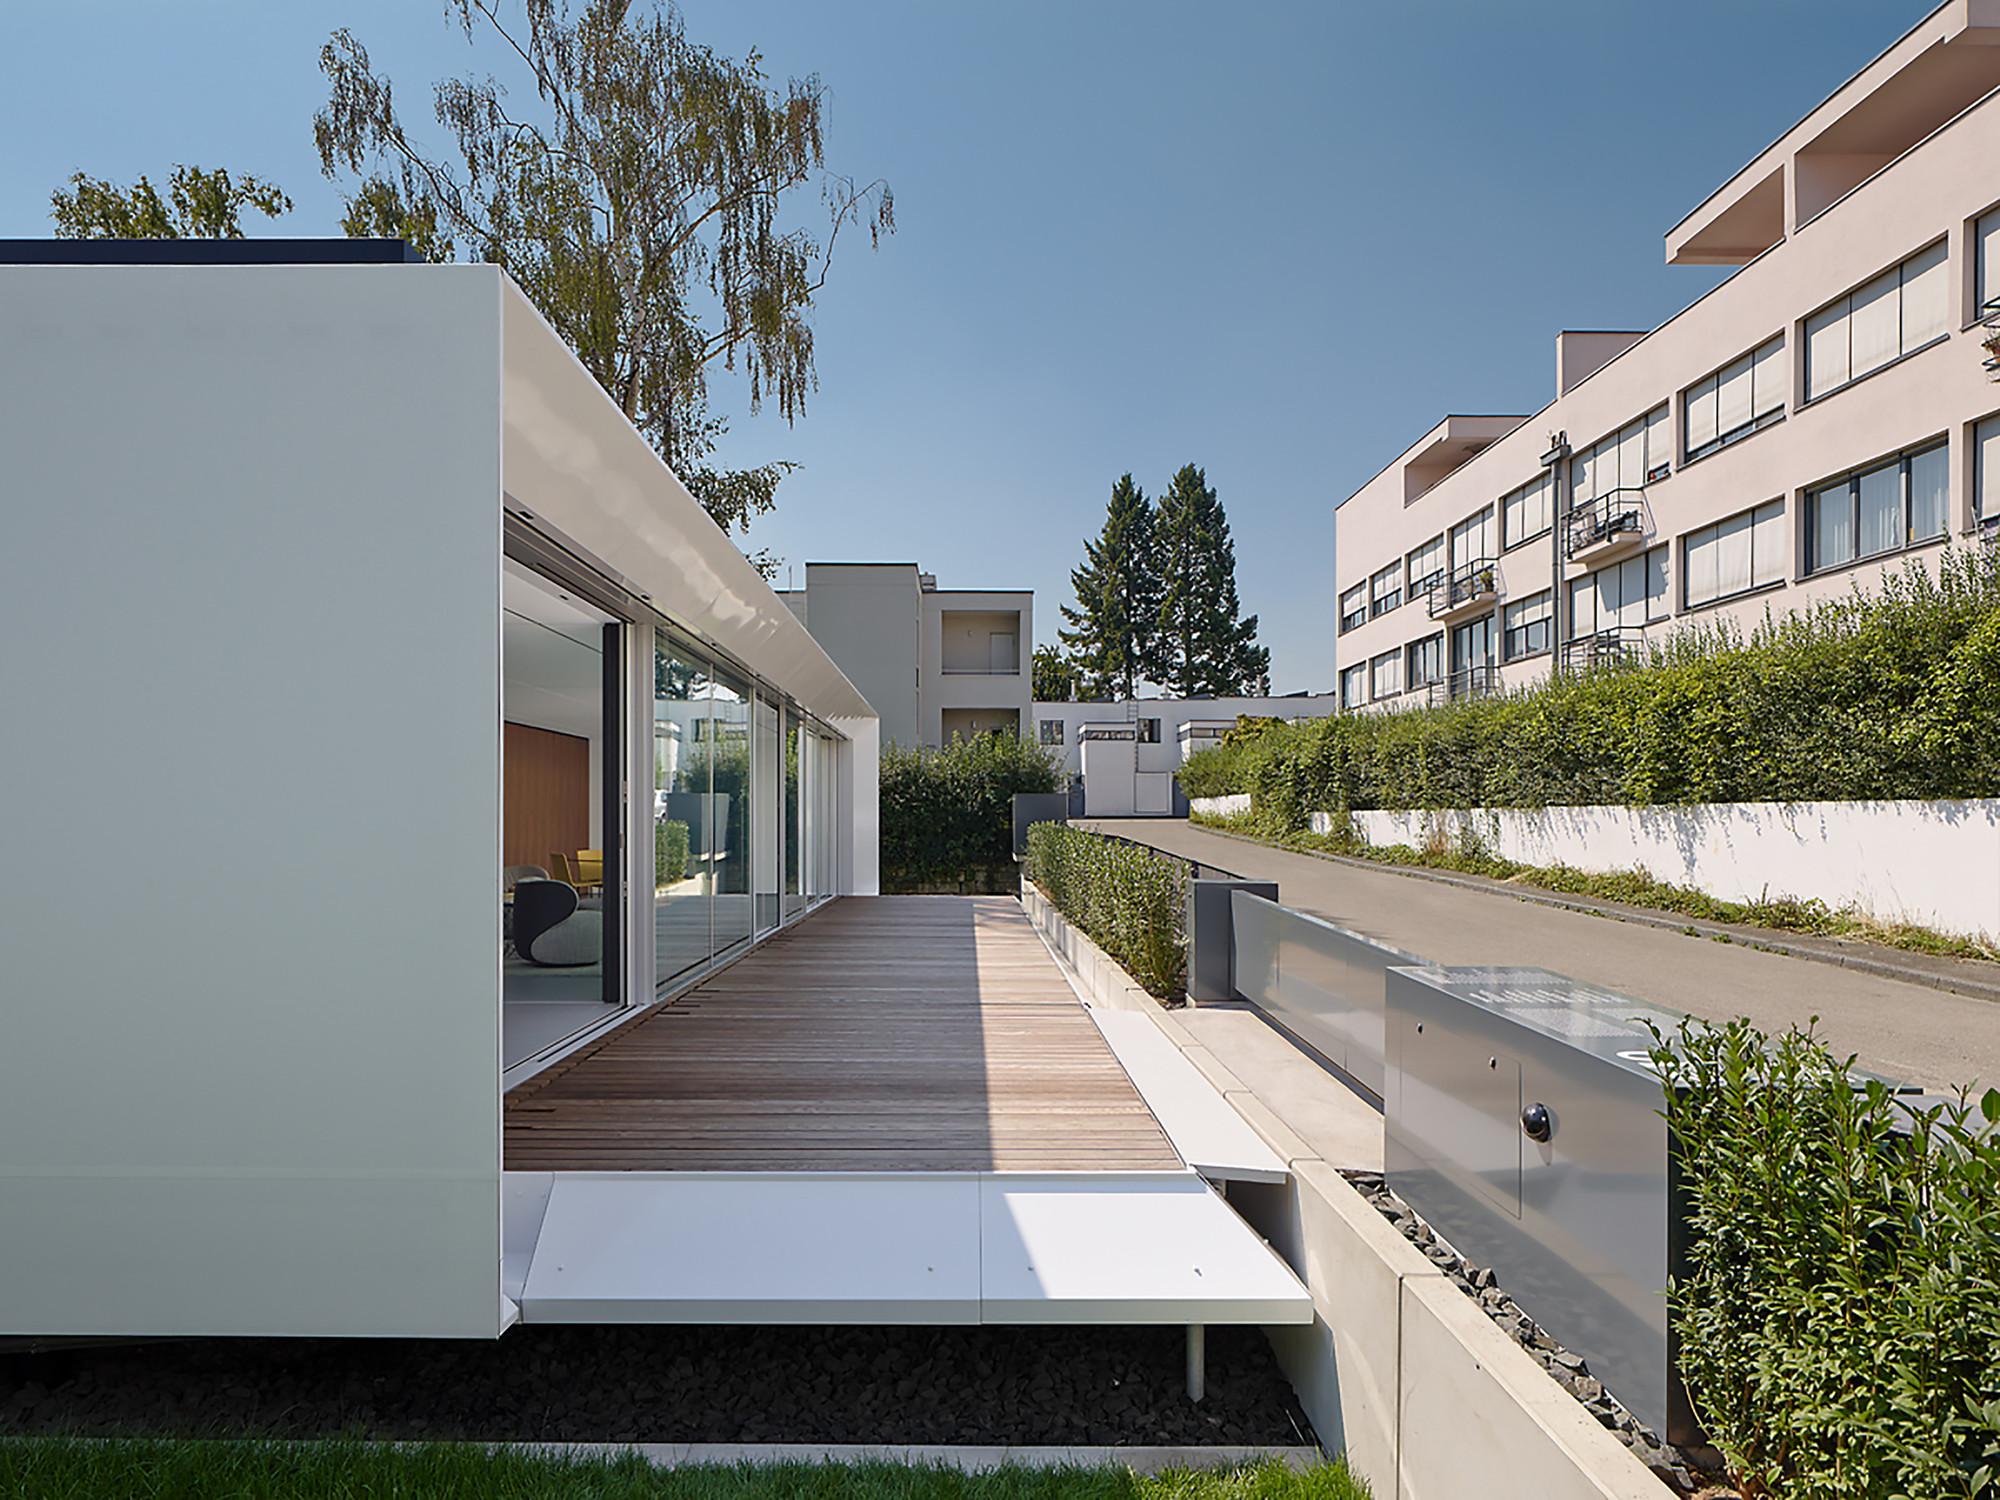 Casa B10 / Werner Sobek Group, © Zooey Braun